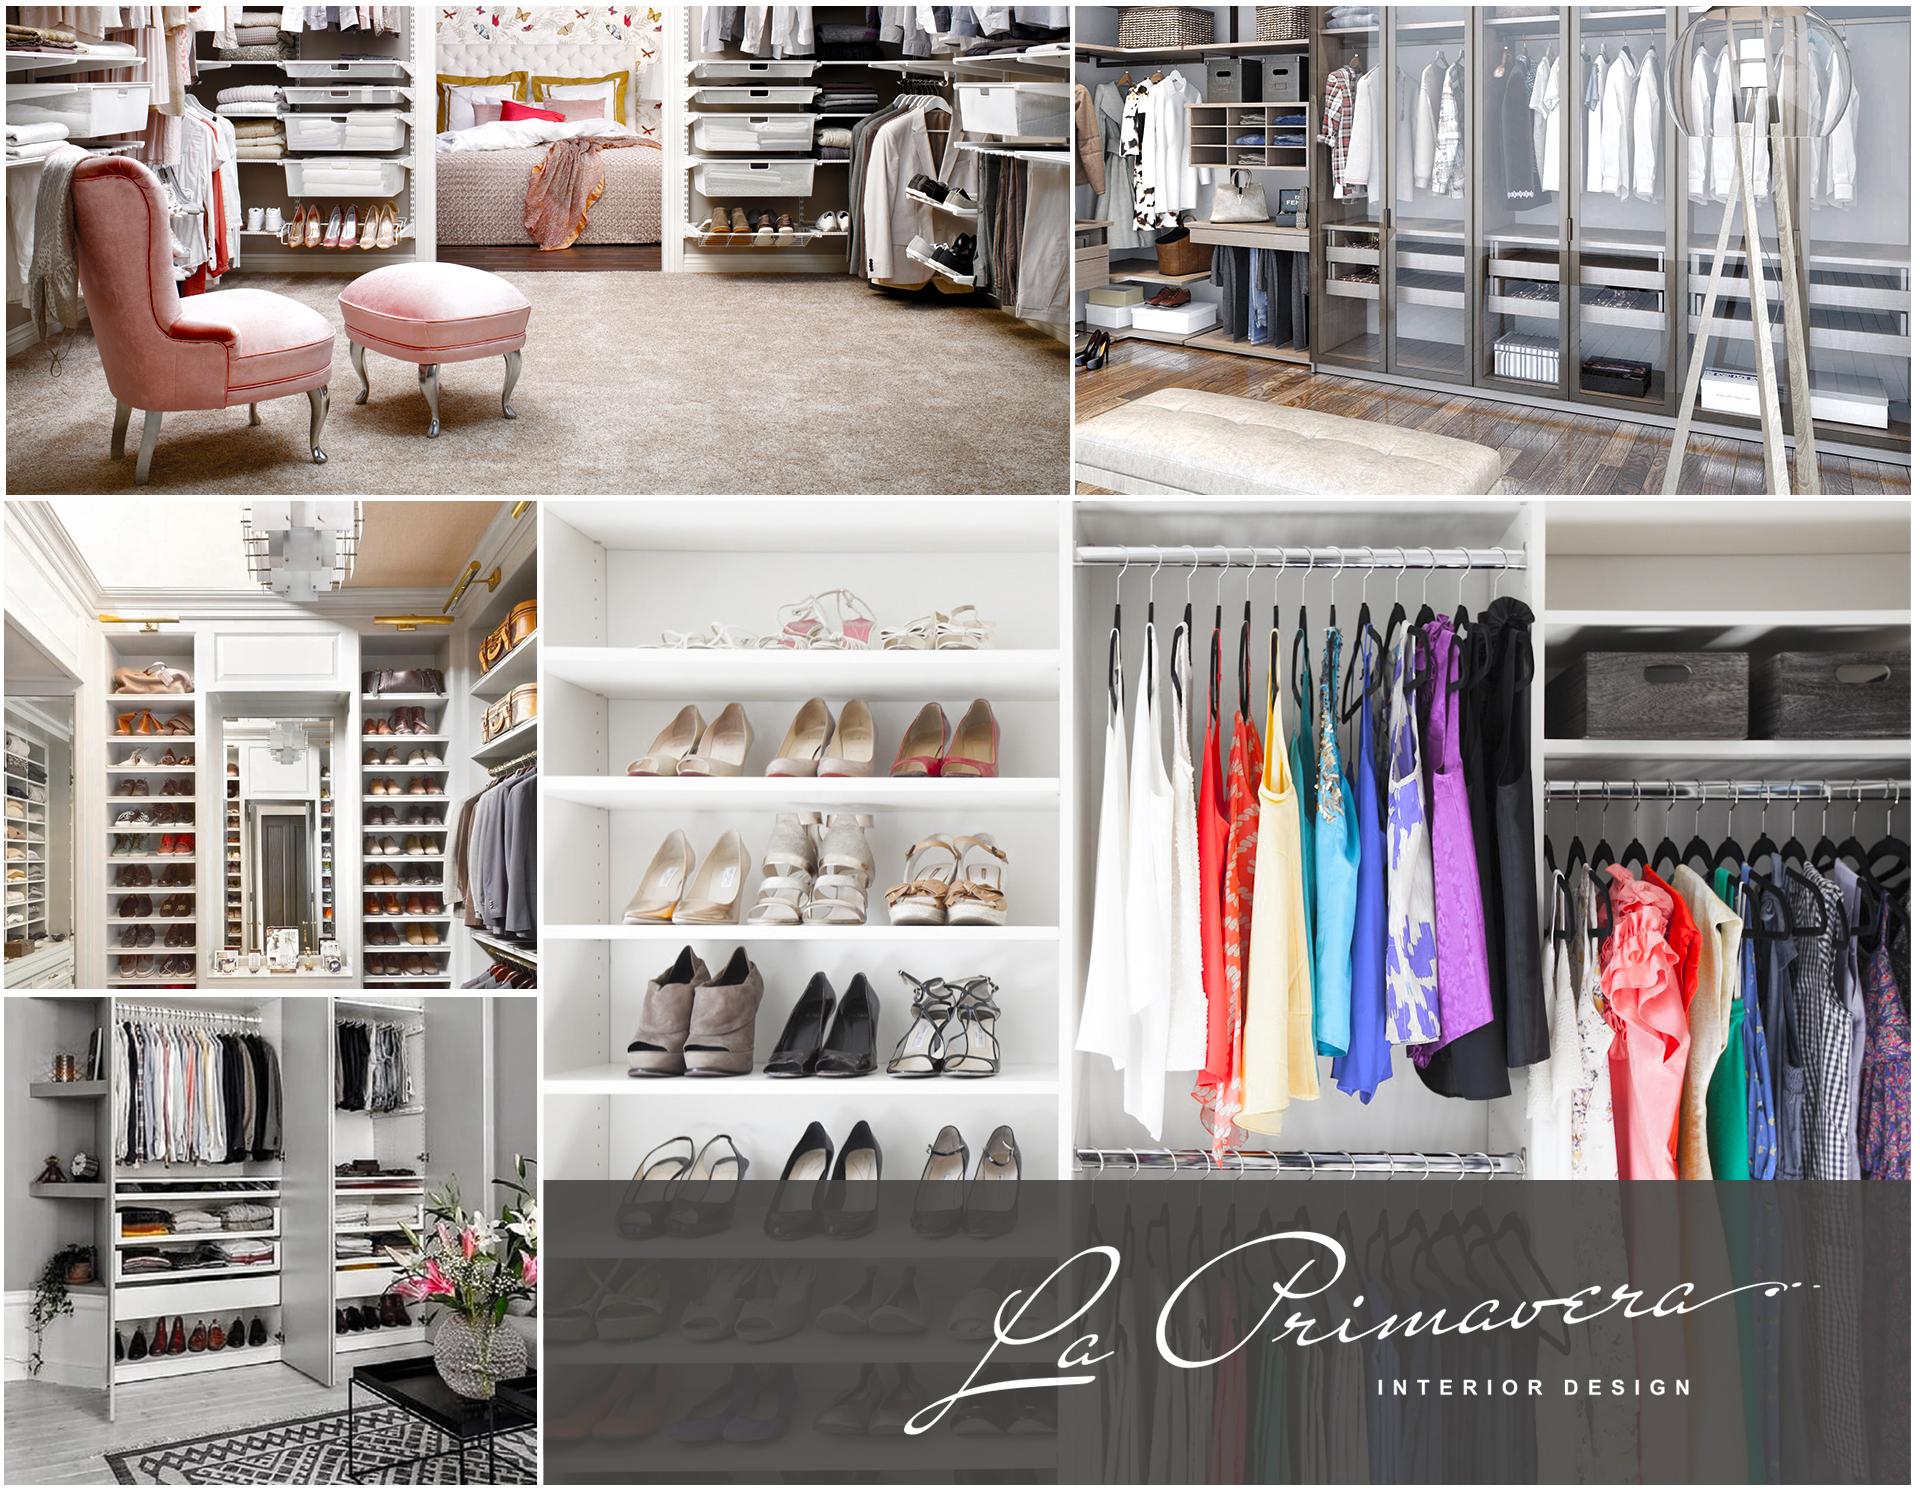 Элитный ремонт гардеробной: фото студии La Primavera